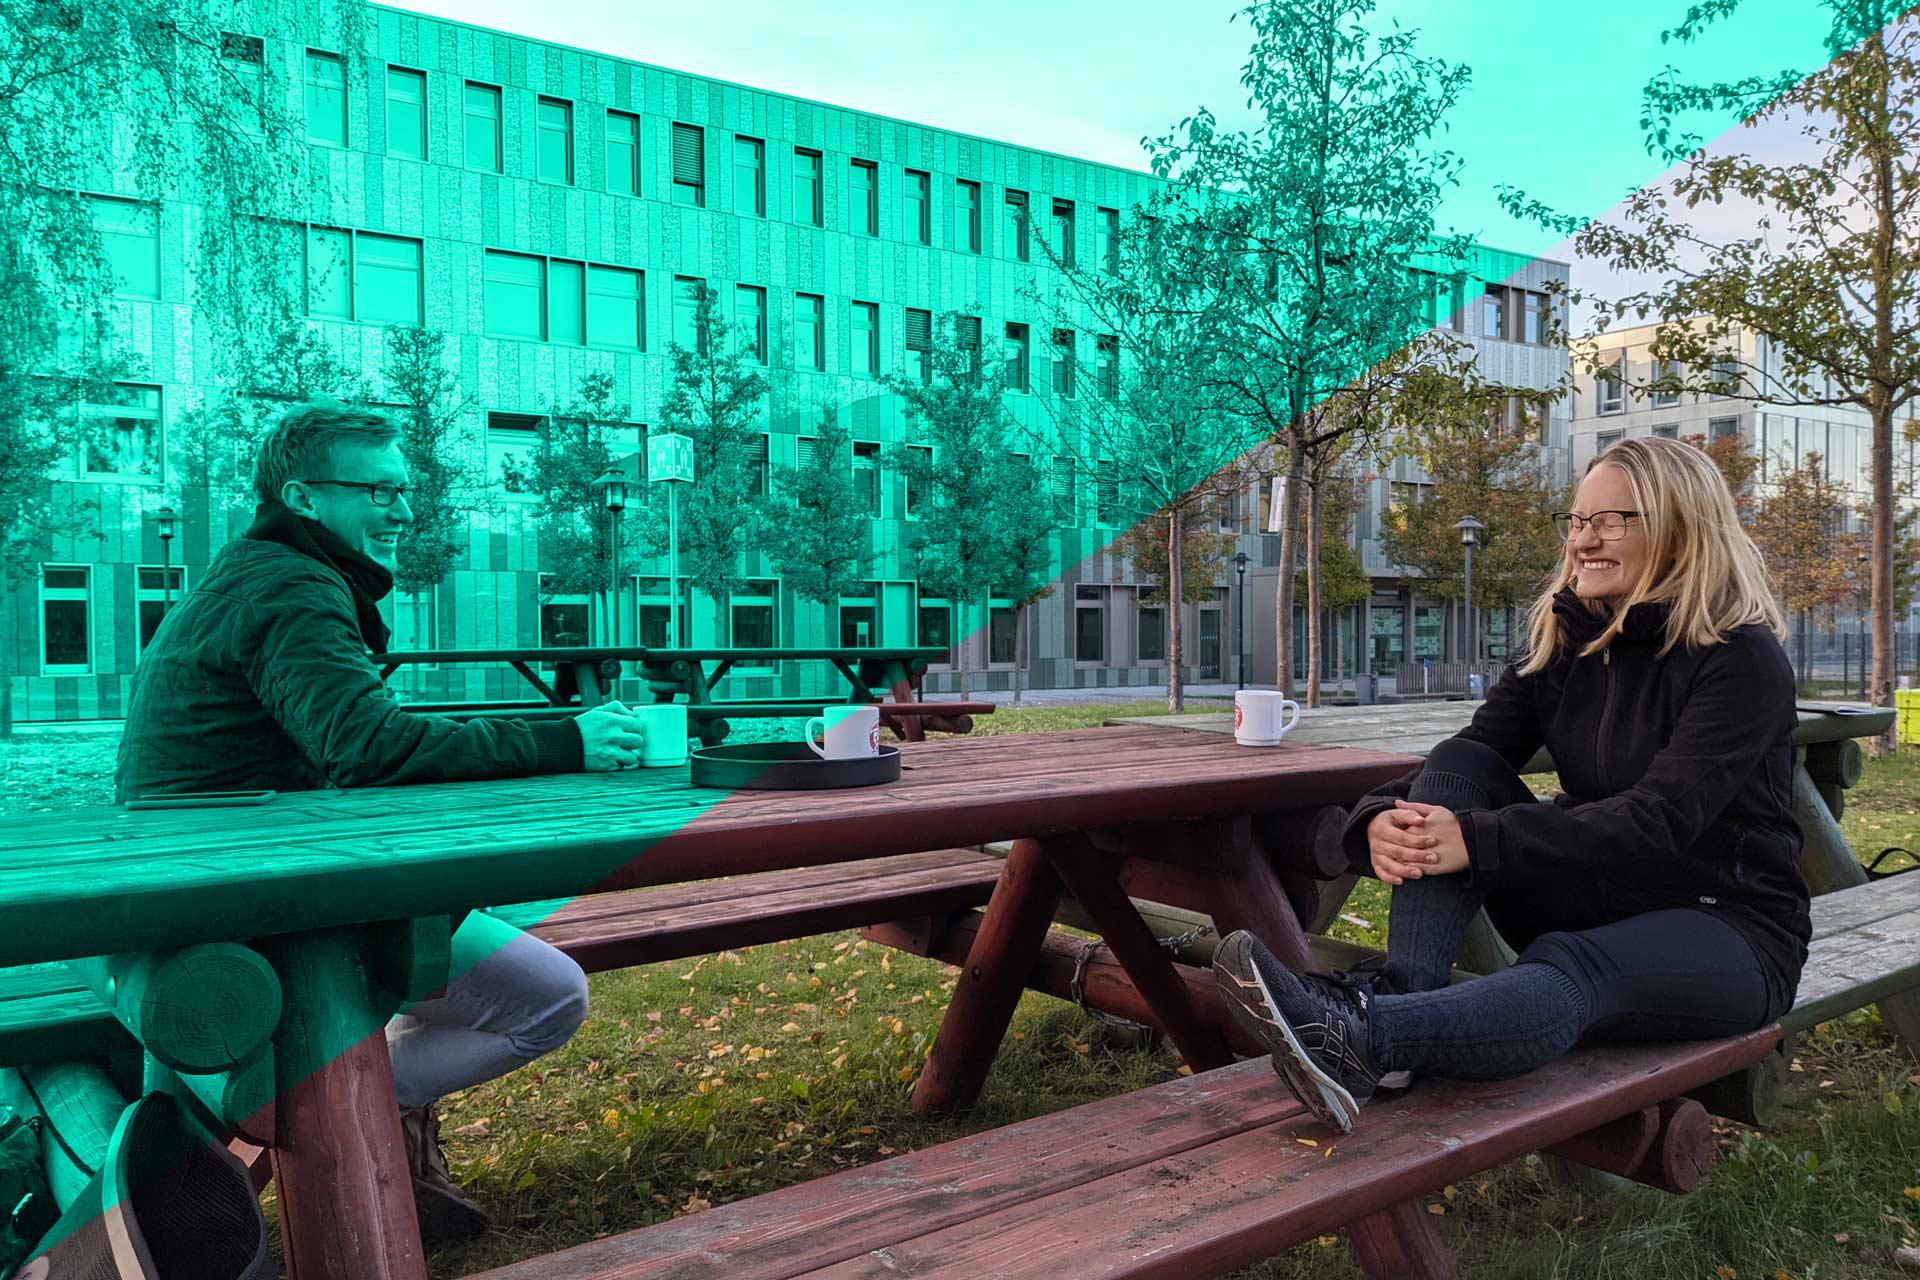 Christian und Sophia sitzen auf einer Bank auf der Campuswiese der FH Potsdam